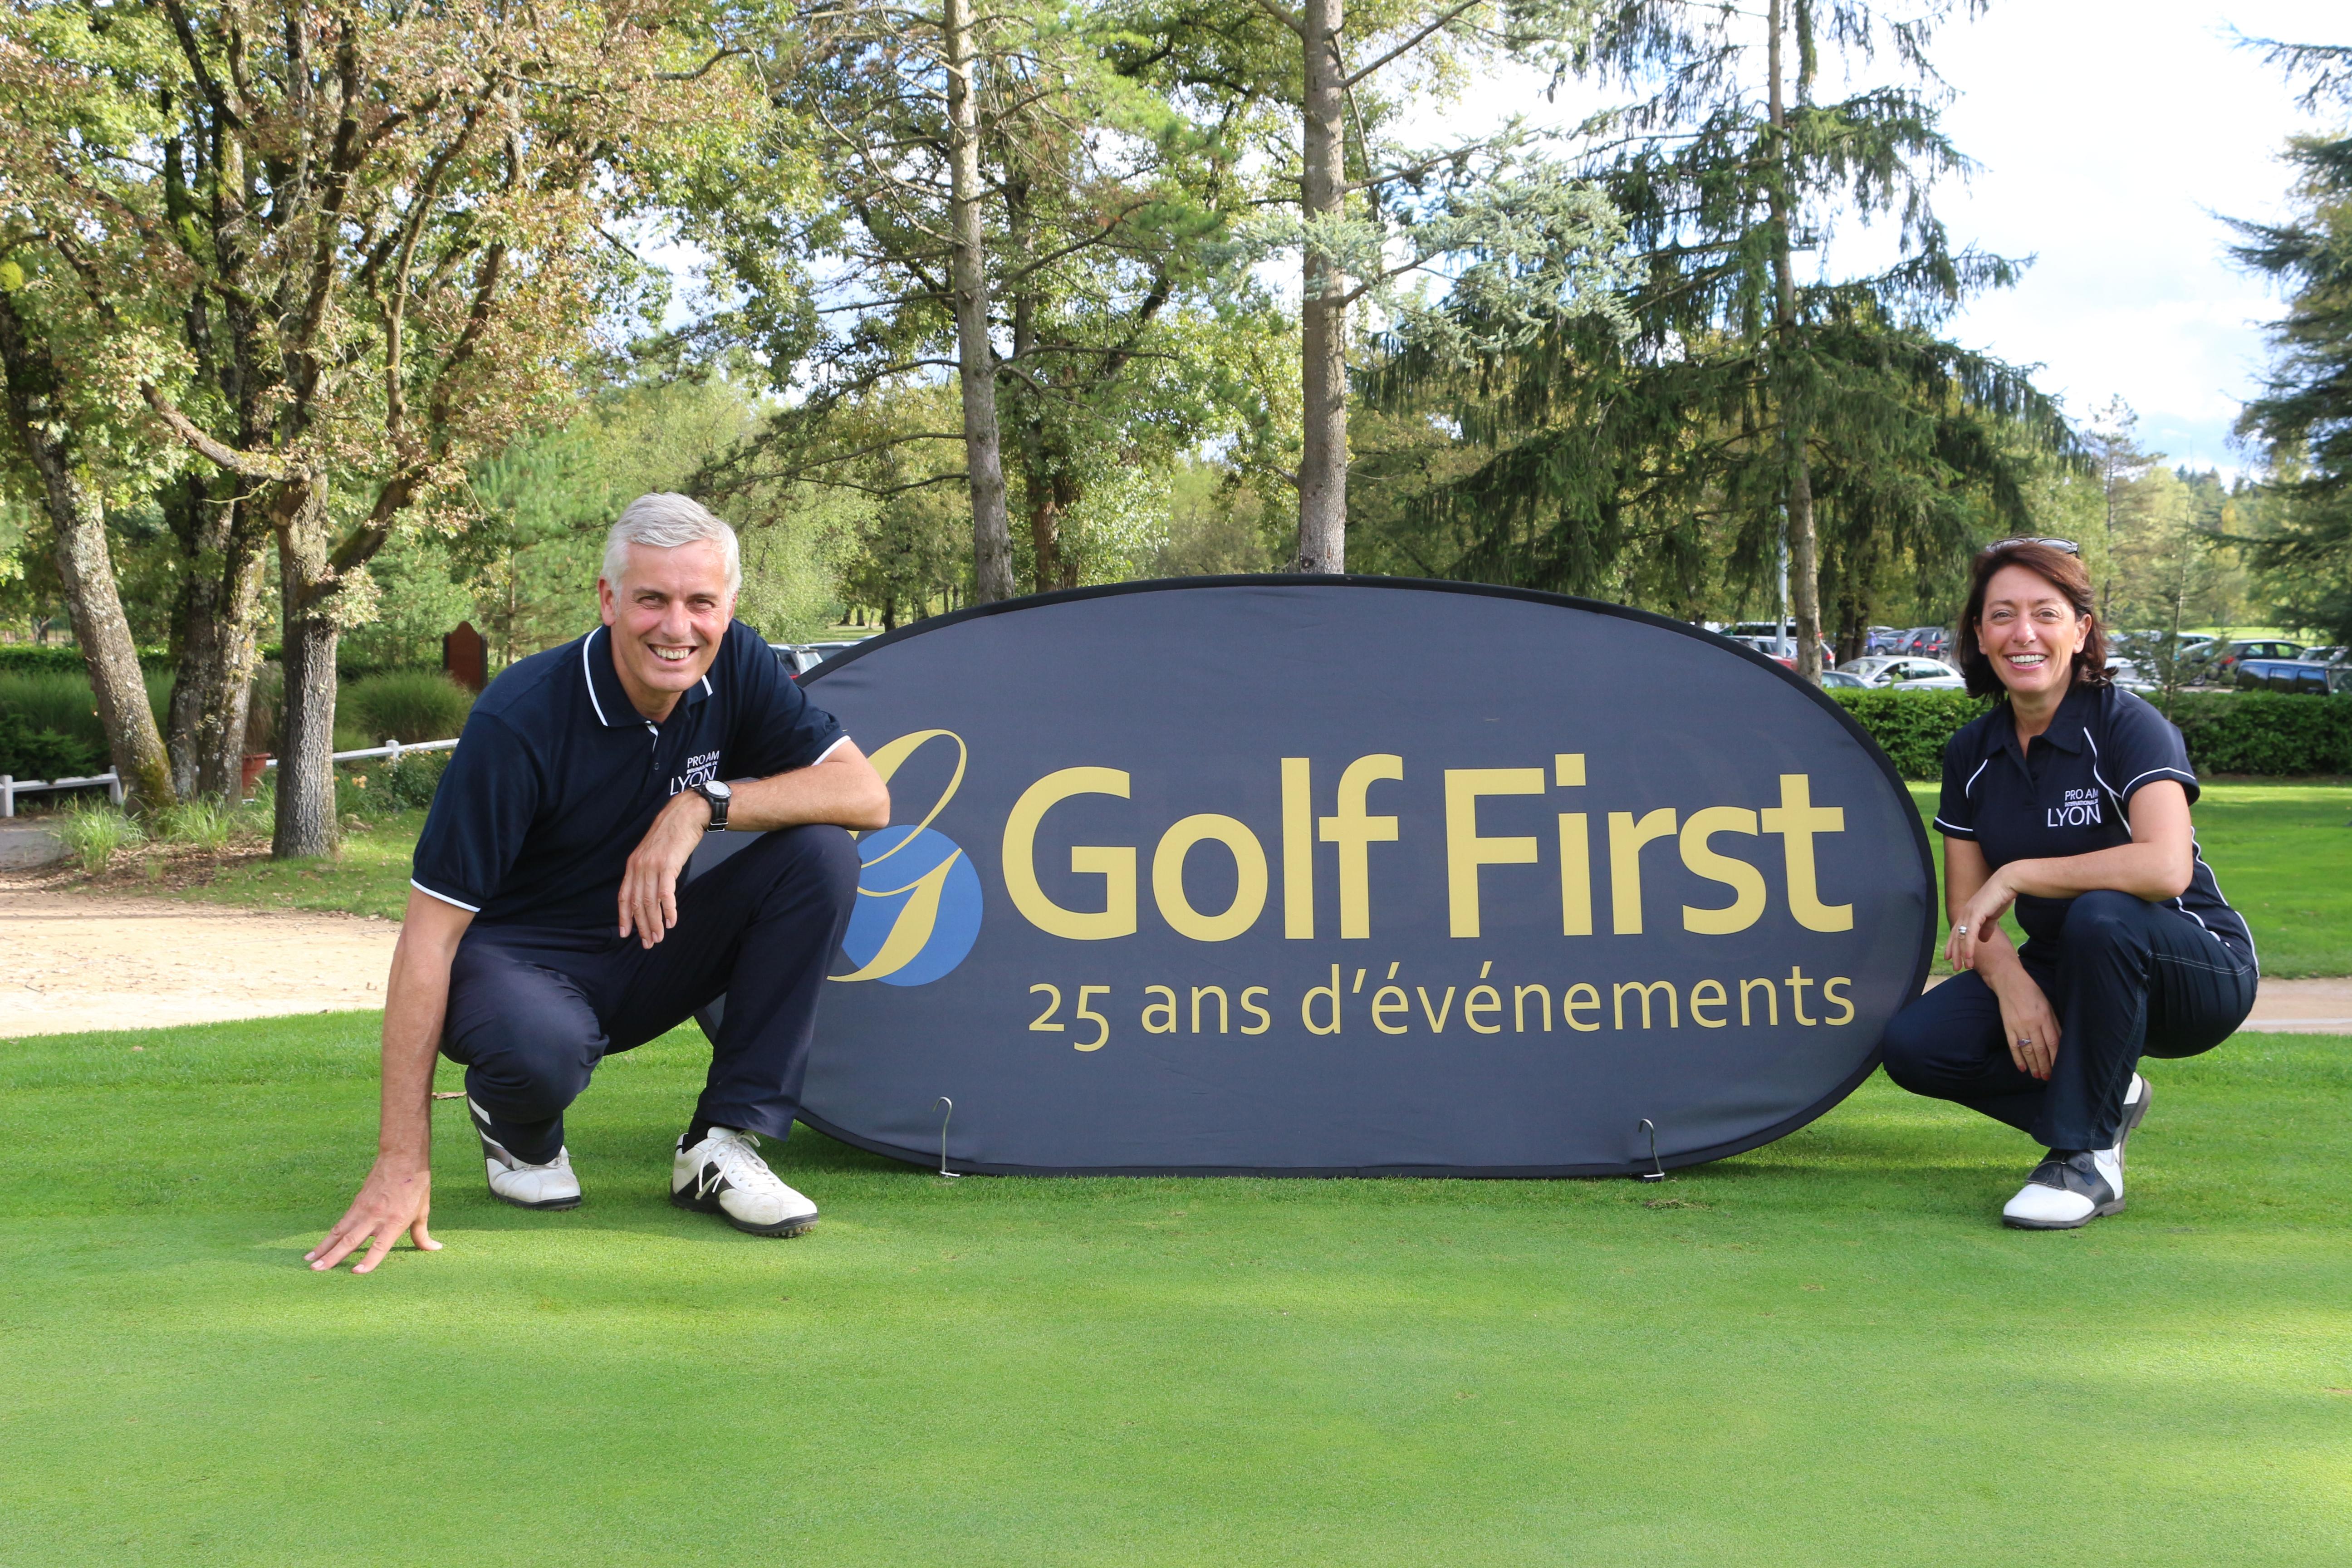 golffirst4